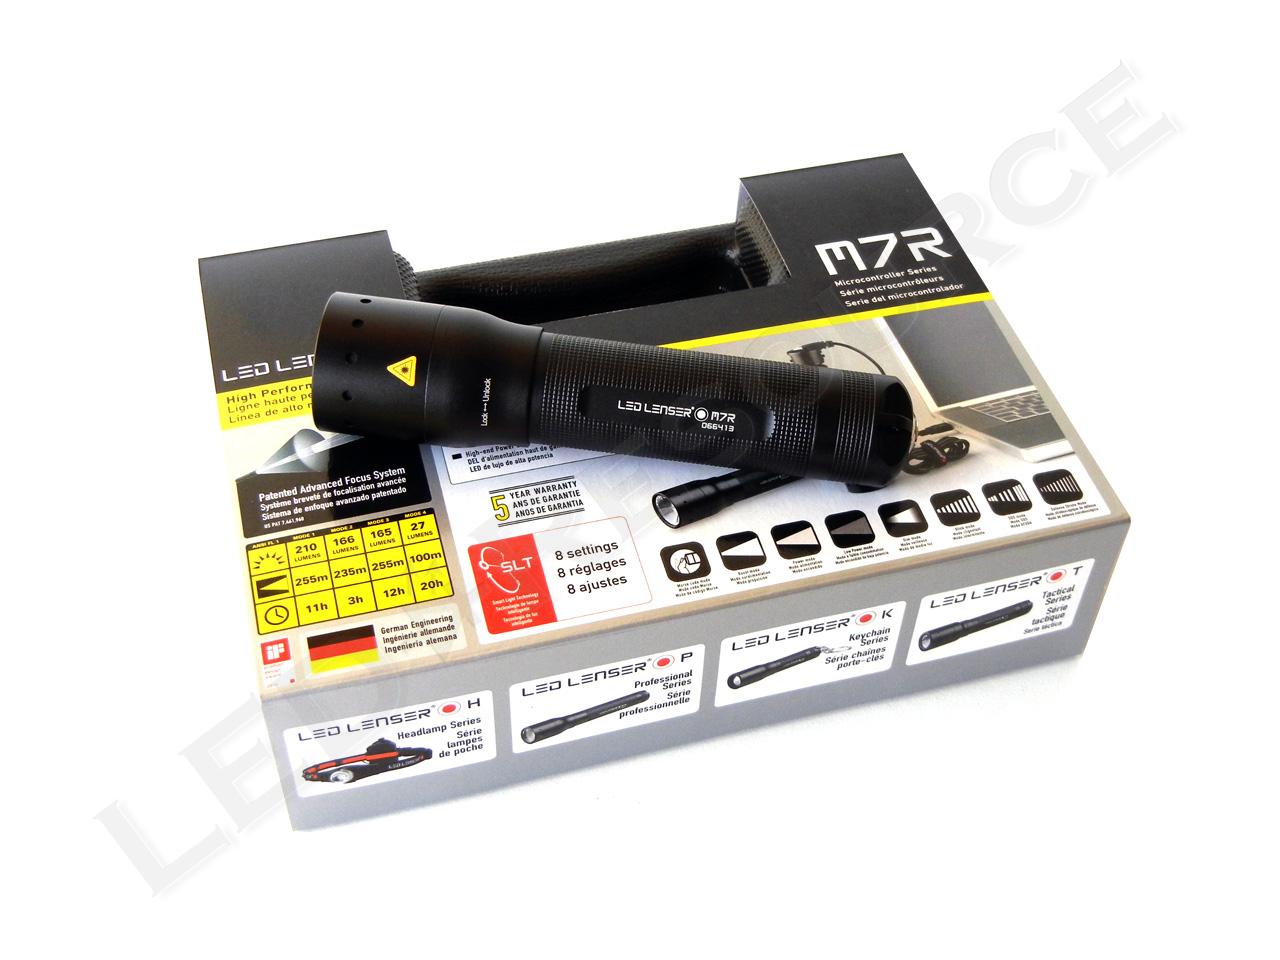 LED Lenser M7R Review